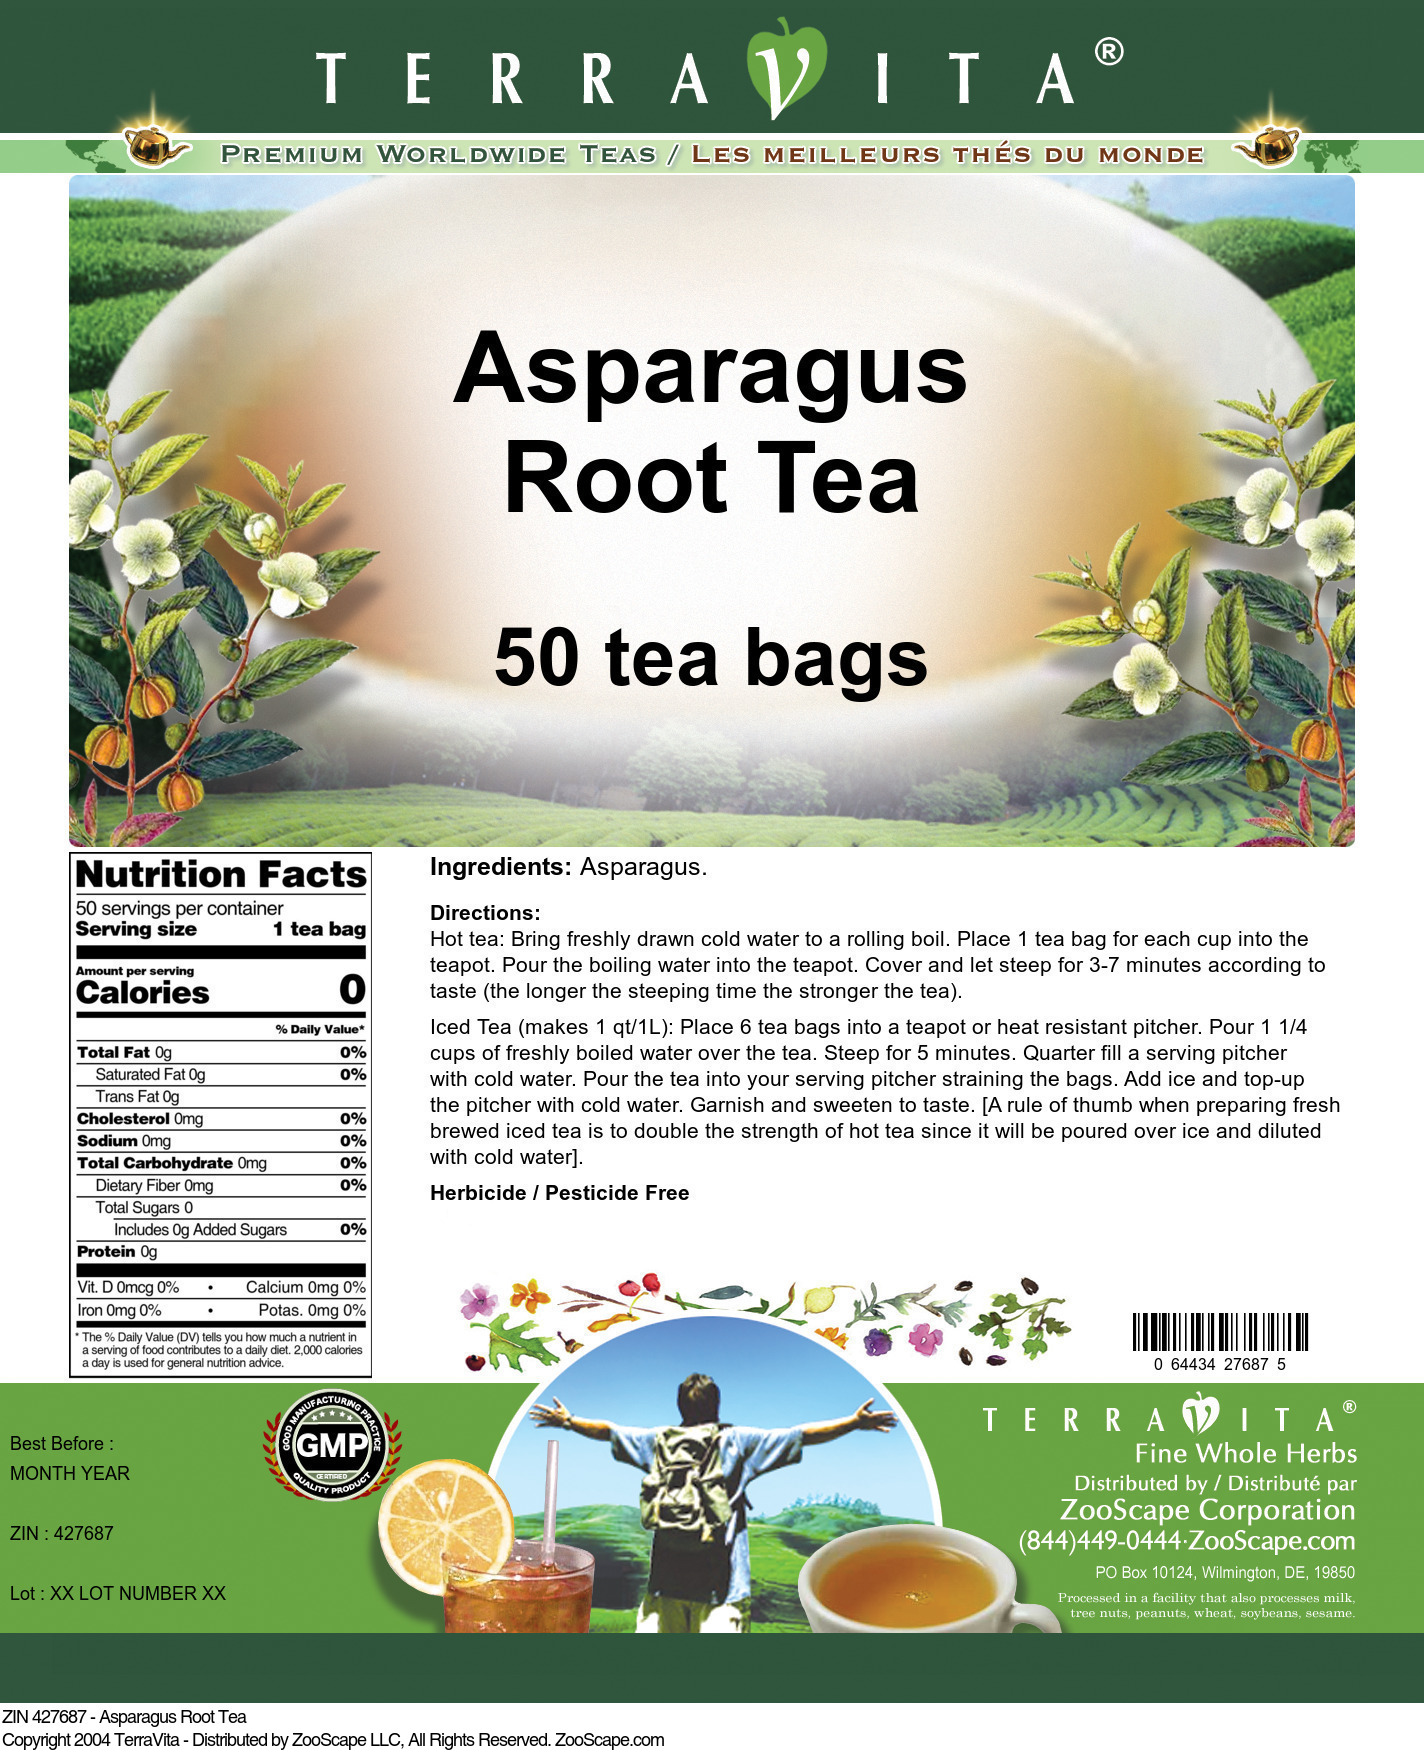 Asparagus Root Tea